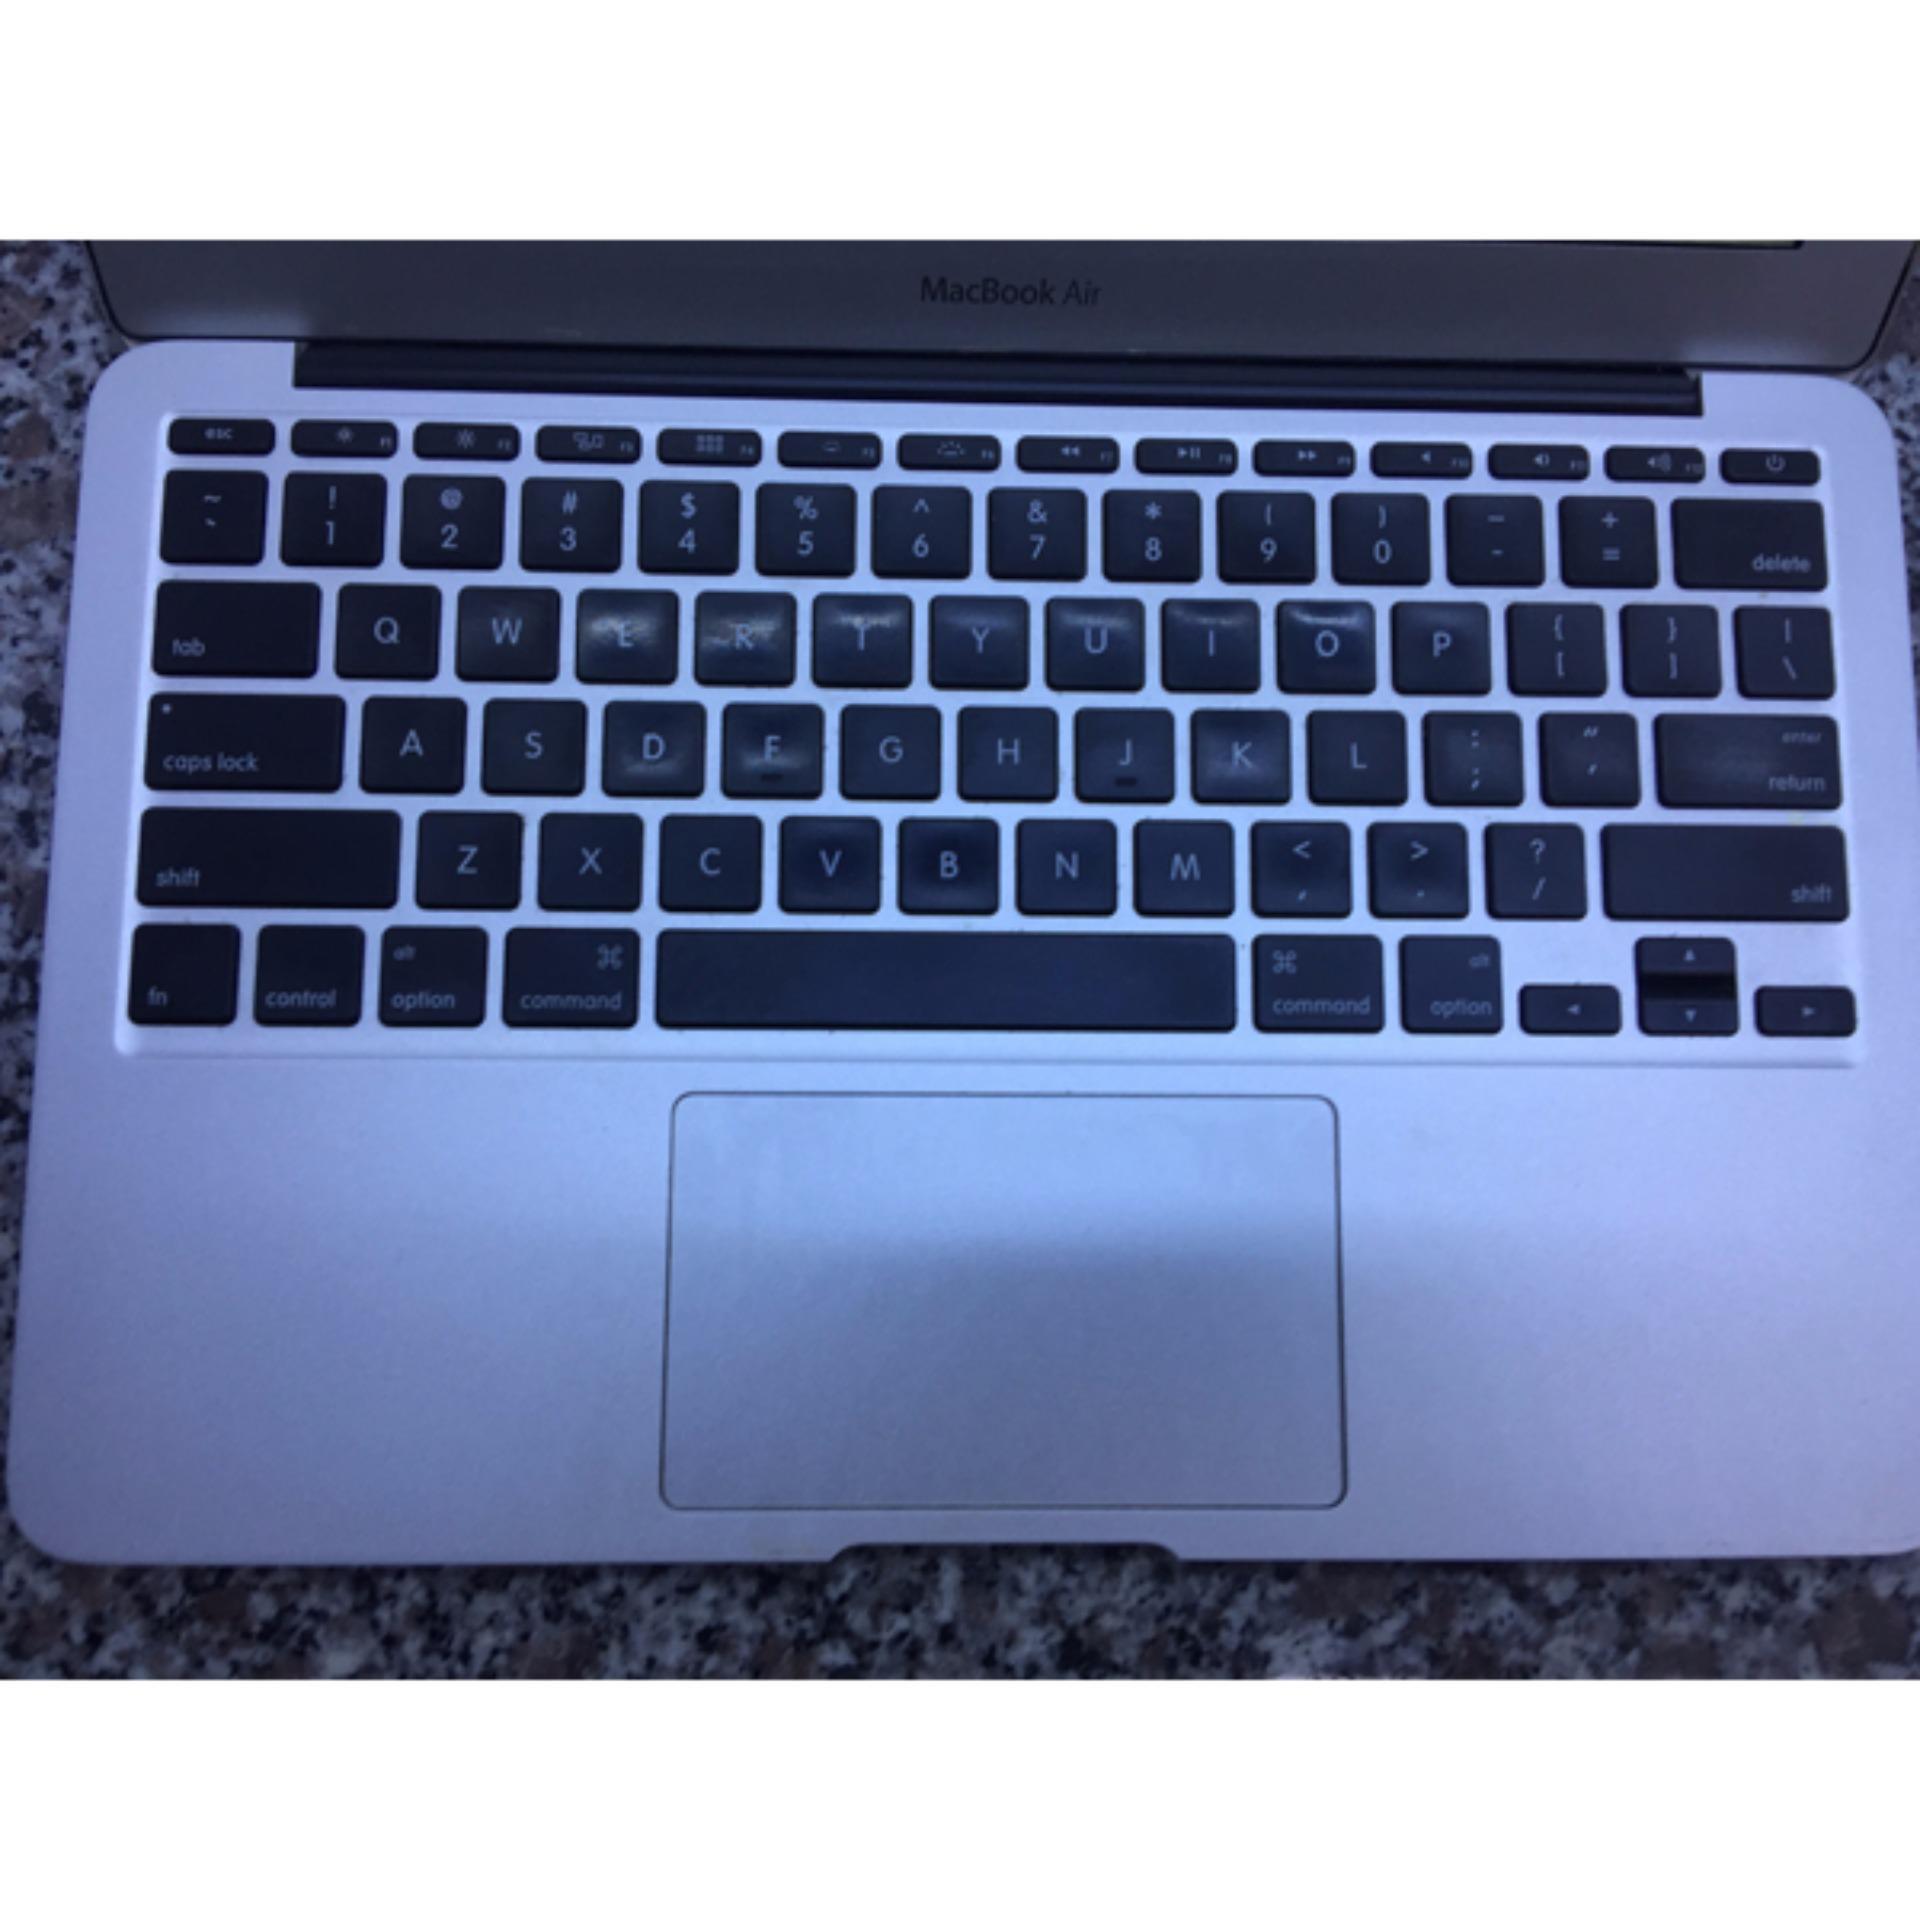 Macbook Air Core i5 ram 2gb, ssd 64gb, màn hình 11in máy đẹp như mới như hình